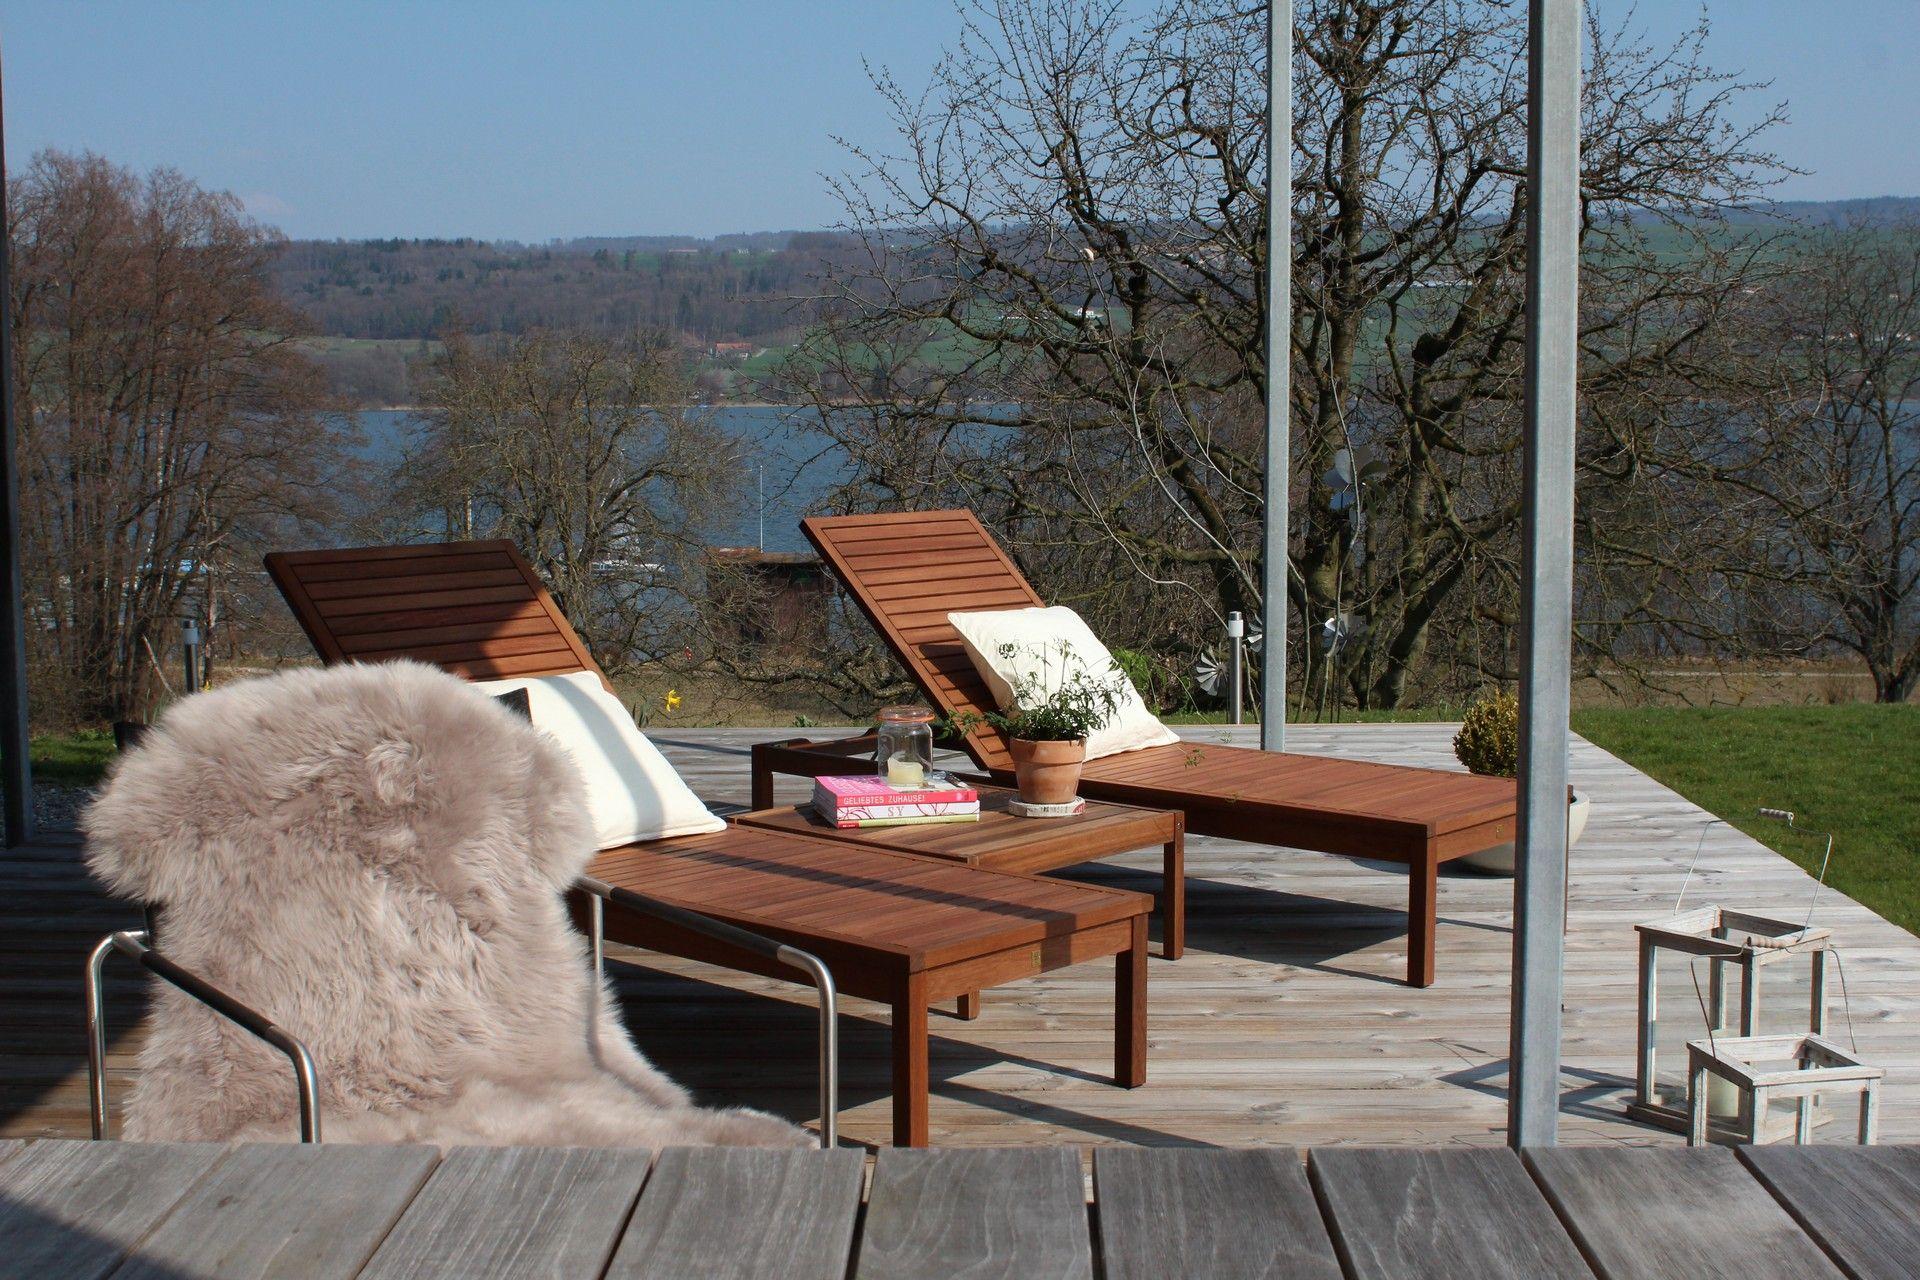 holz liegest hle f r die terrasse blog m rz 2012 leila bacchi diy holz pinterest. Black Bedroom Furniture Sets. Home Design Ideas